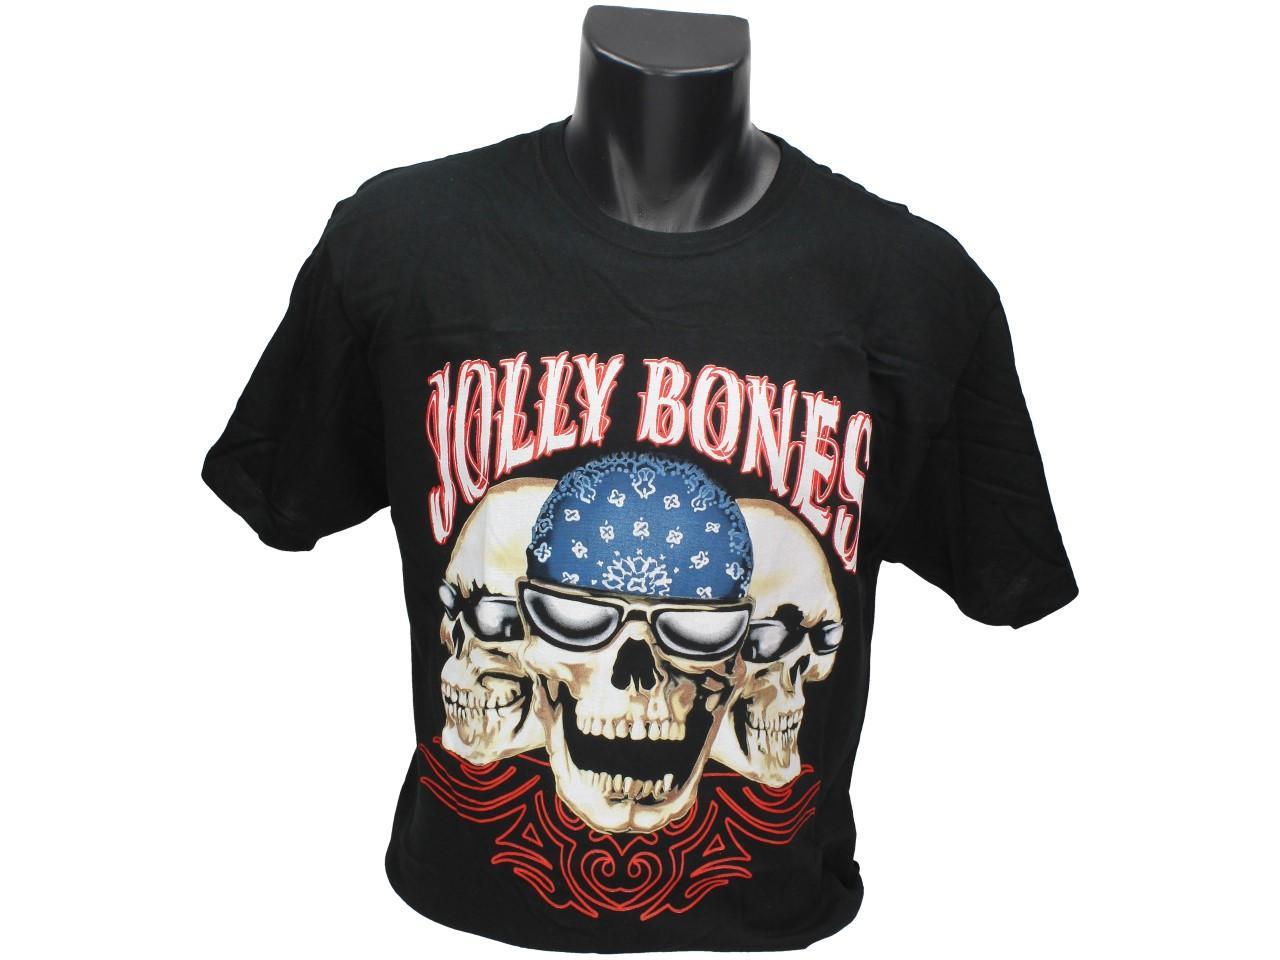 Foto 1 - Tričko Jolly Bones - je vtipné tričko, kterým zaujmete ve společnosti a je vhodné pro každodenní nošení. Tričko splňuje klasickou konfekci